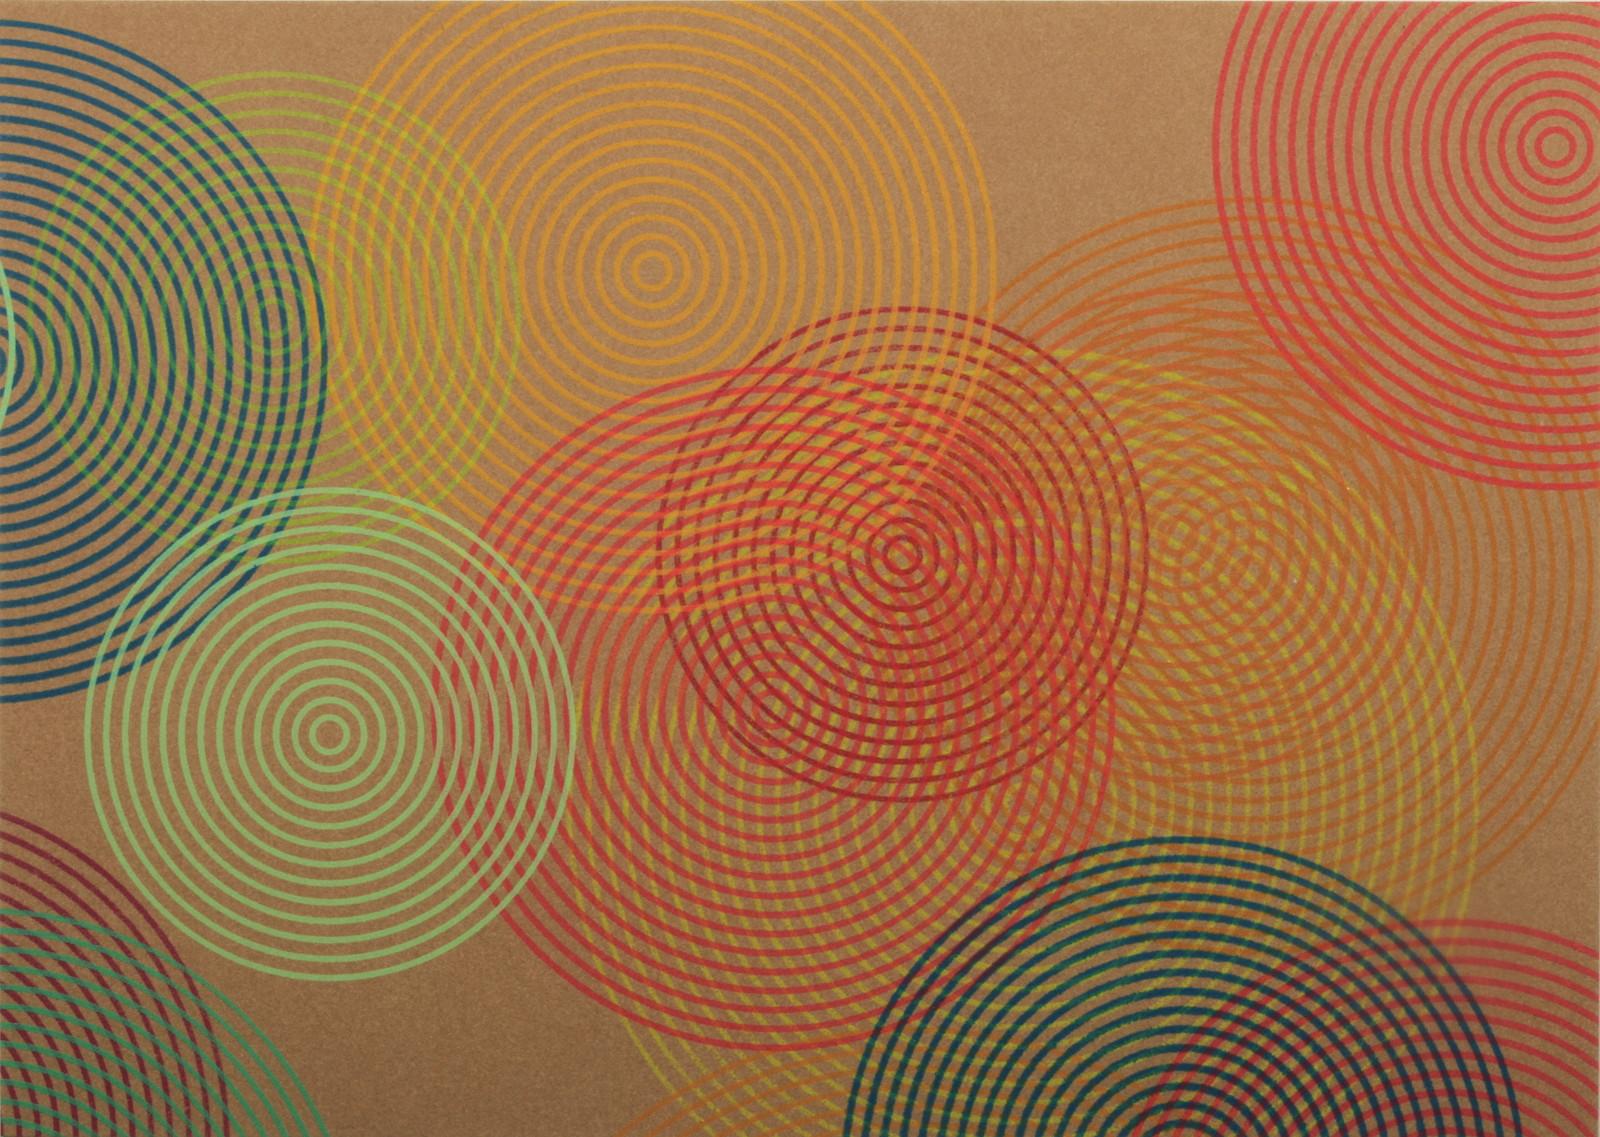 Cymatic Study